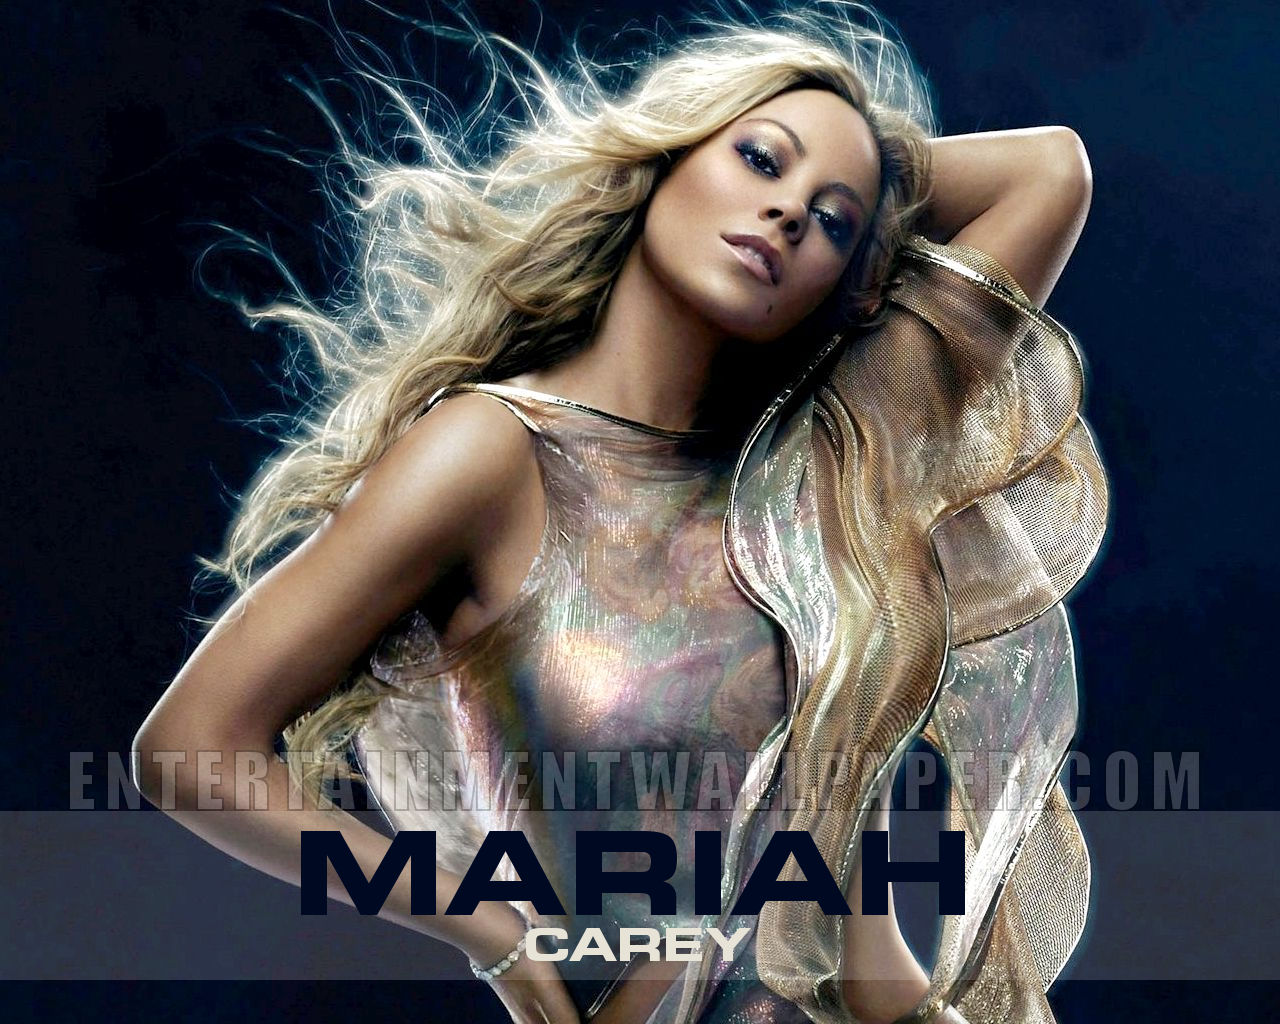 Mariah Carey Wallpaper